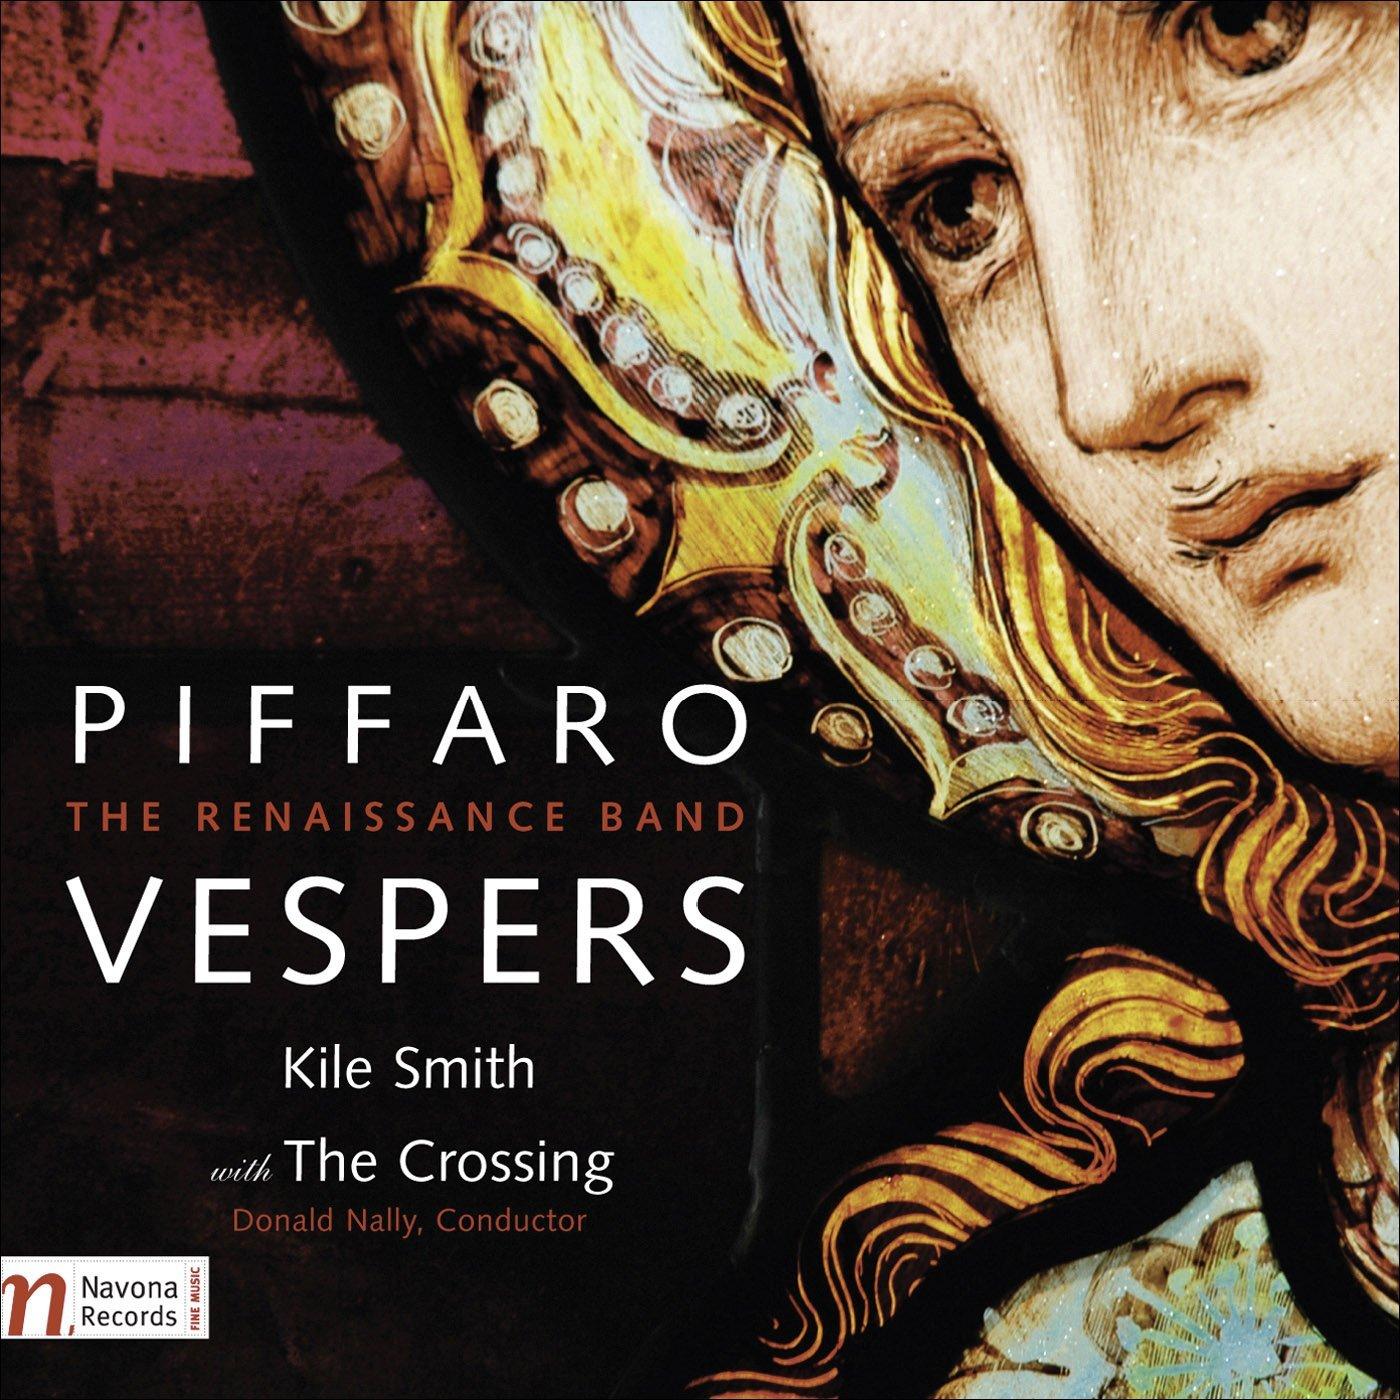 Kile Smith's Vespers